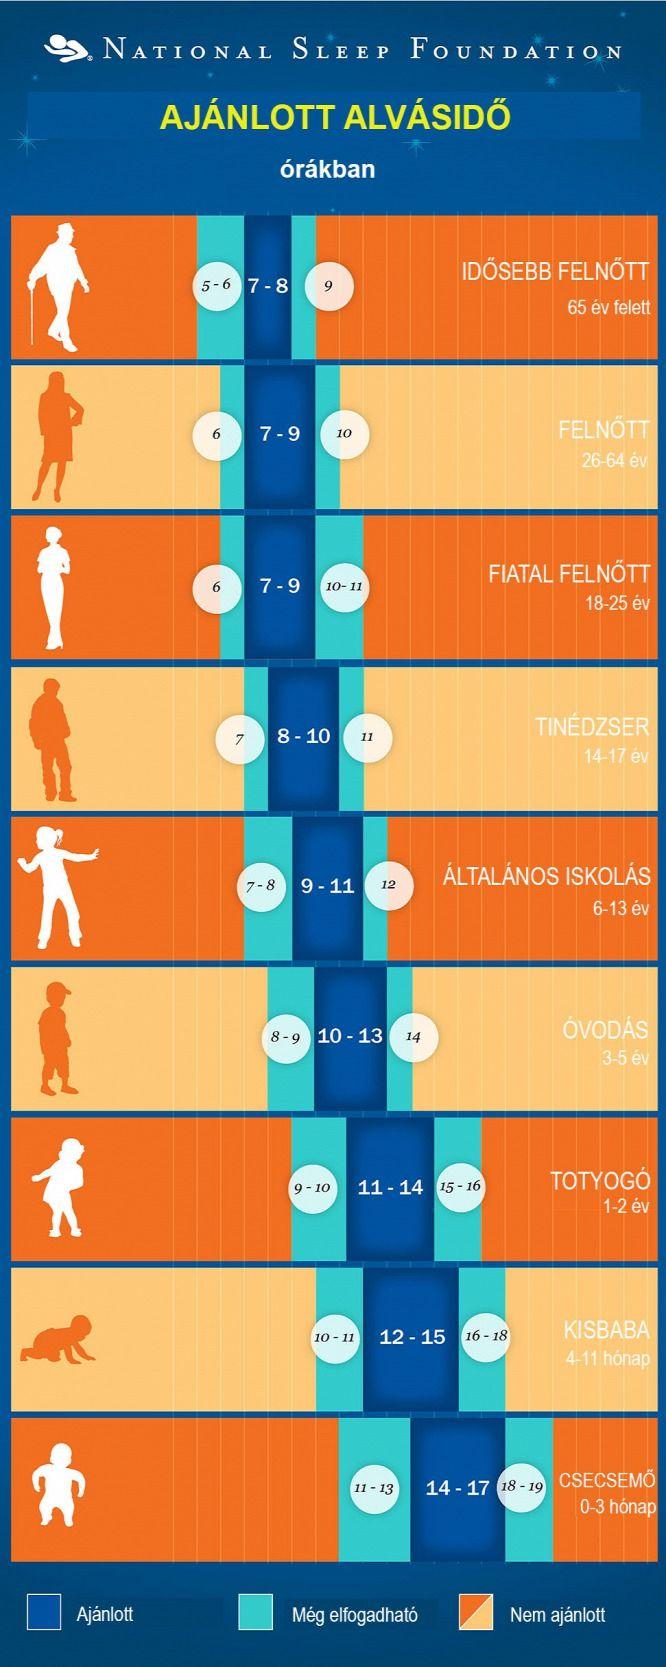 Látványos táblázat az alvásigényről